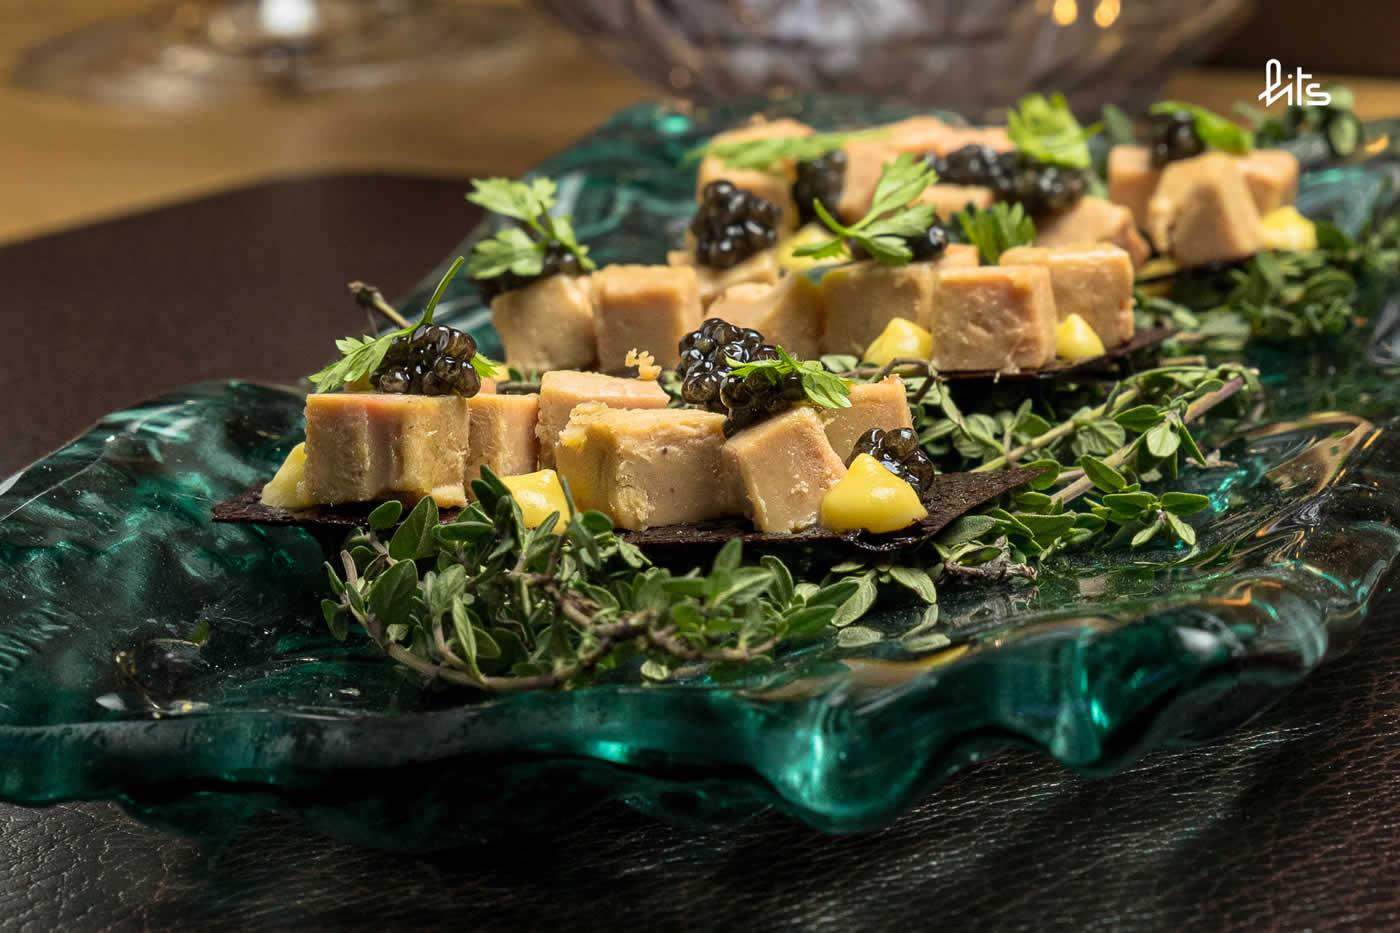 Corte de foie mi-cuit hecho en casa, con maíz y Caviar Nacarii